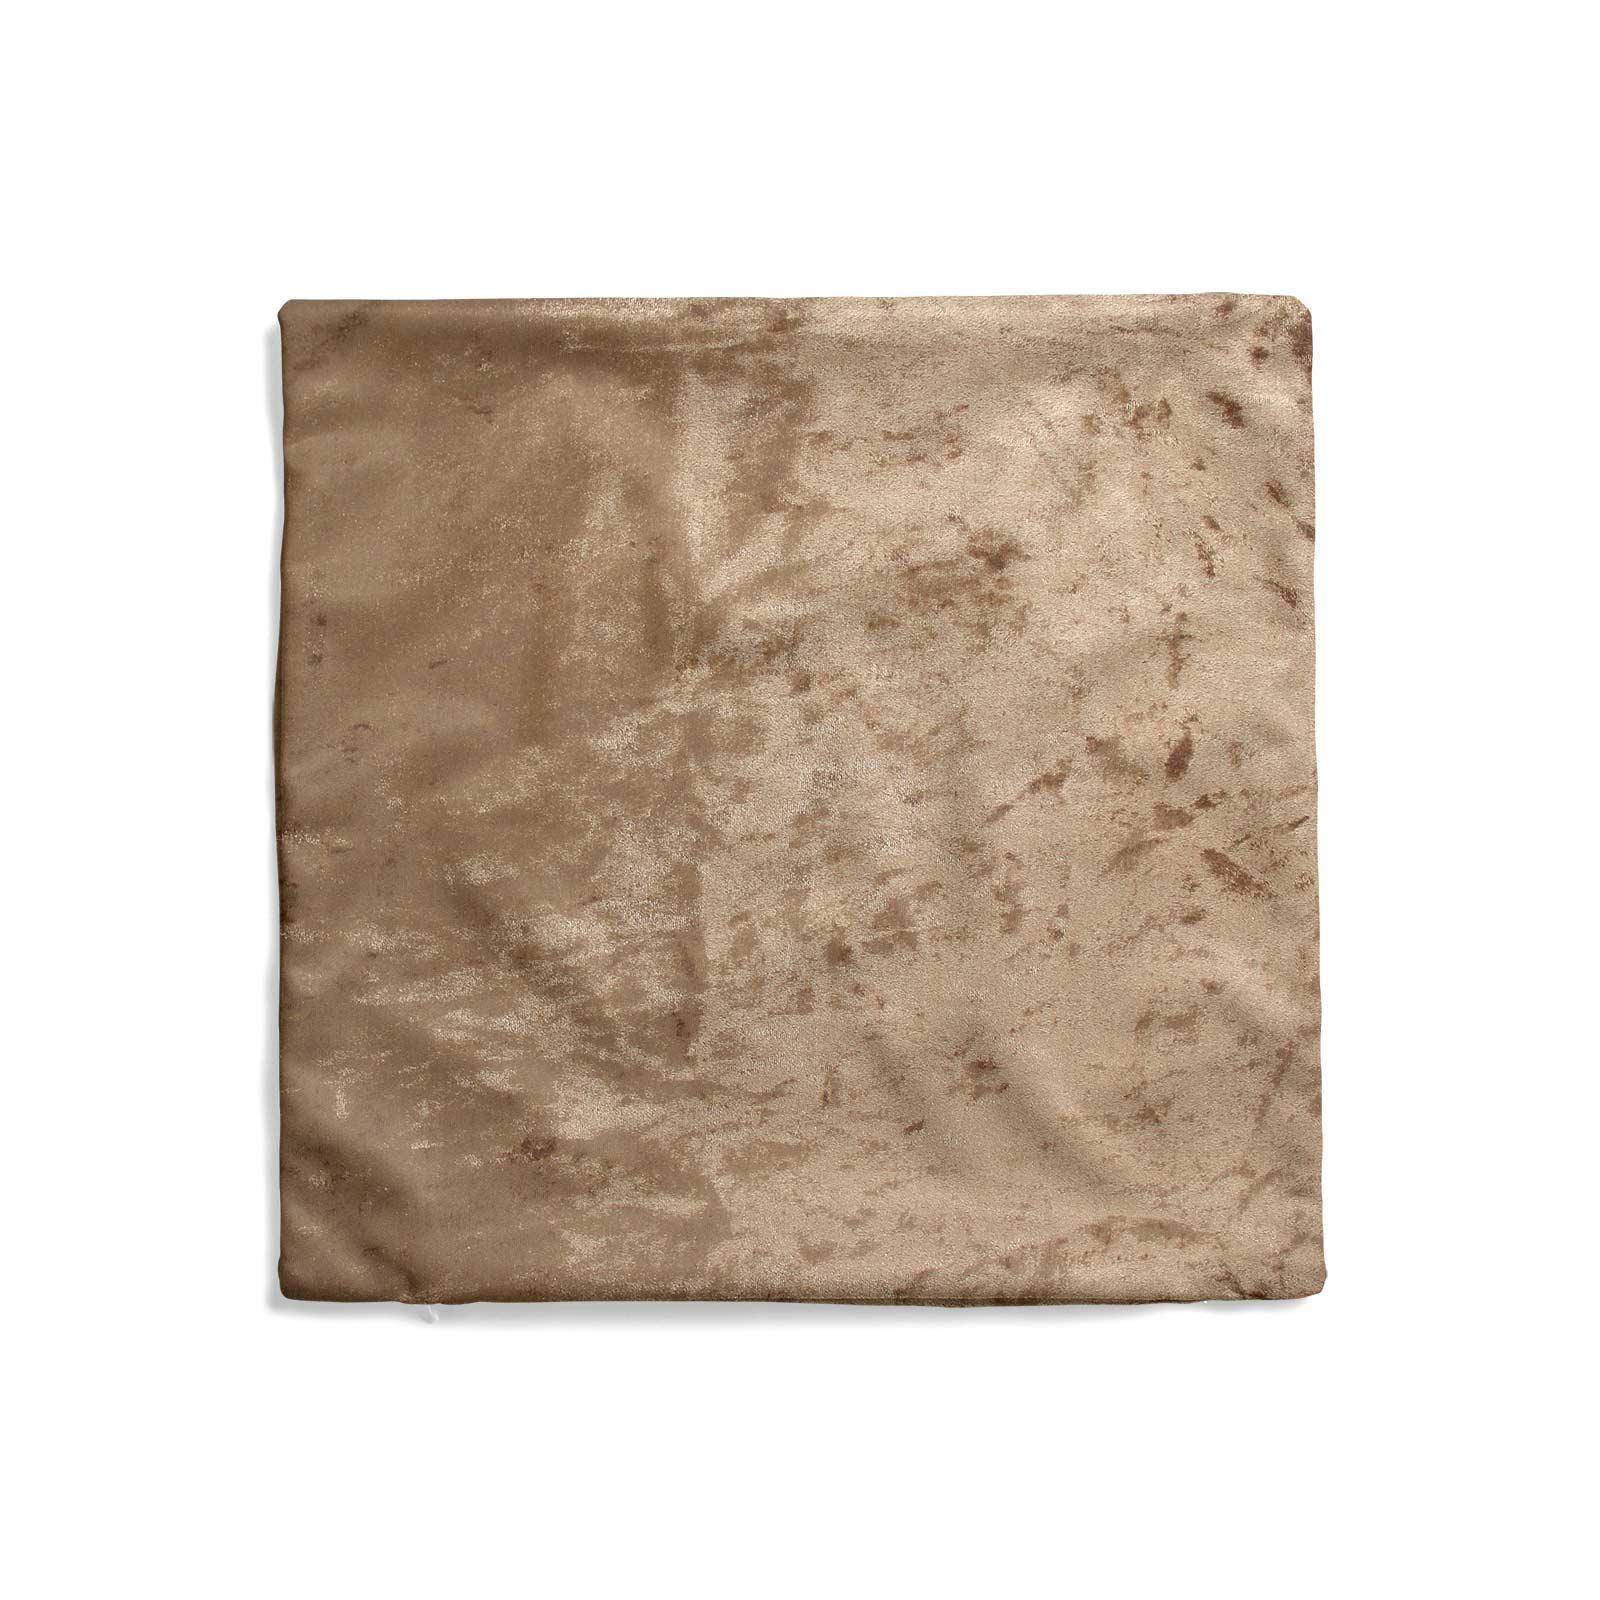 Cuscino-di-velluto-schiacciato-copre-GLAM-Tinta-Unita-Copricuscino-18-034-x-18-034-45cm-x-45cm miniatura 34